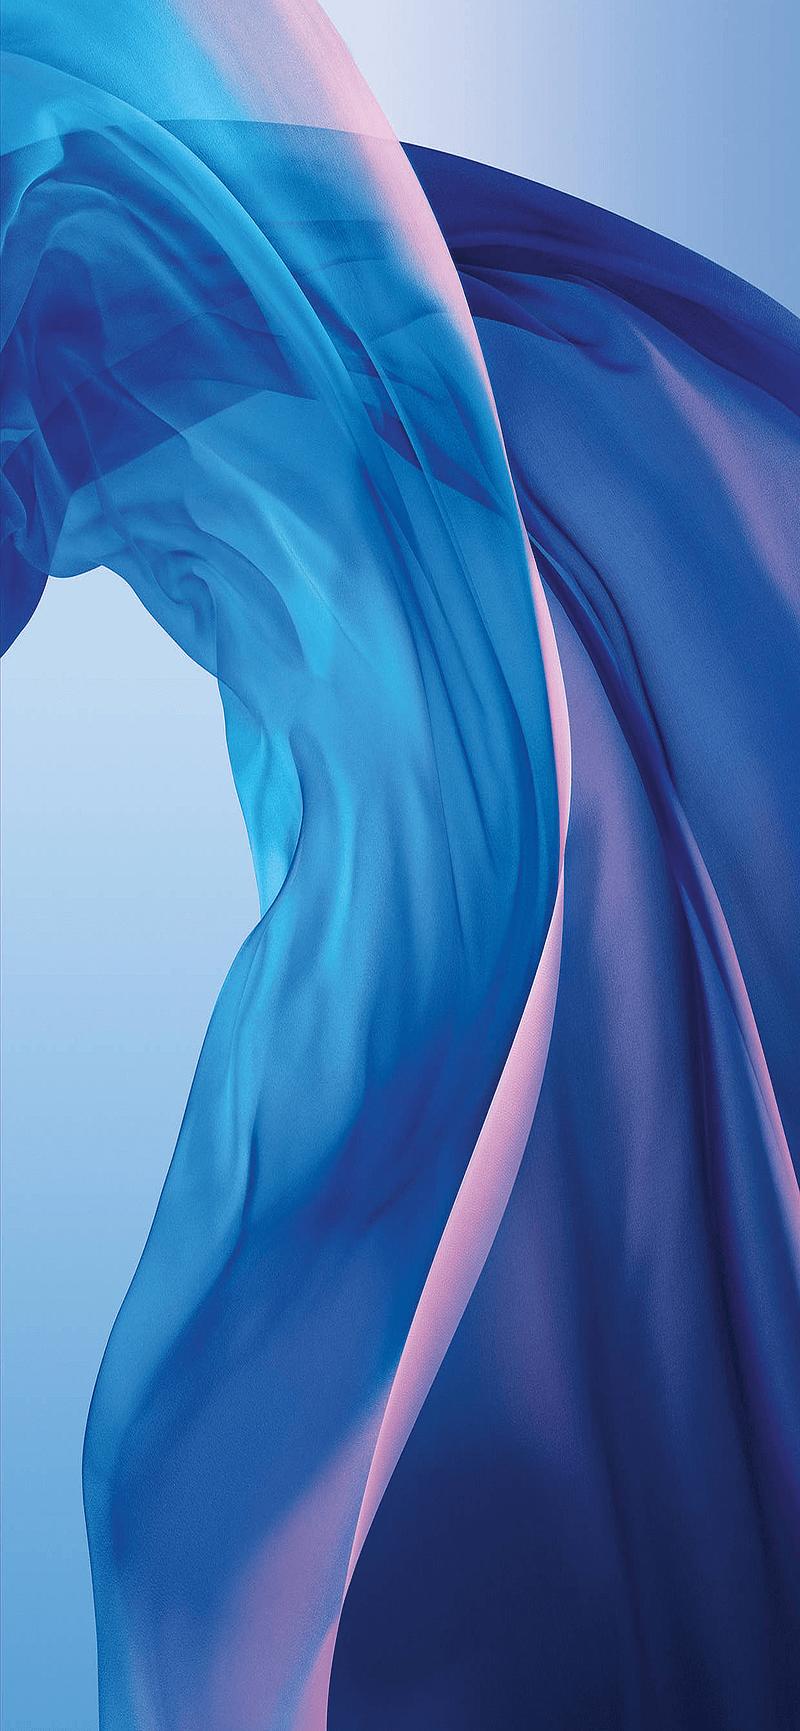 macbook air wallpaper for ipad